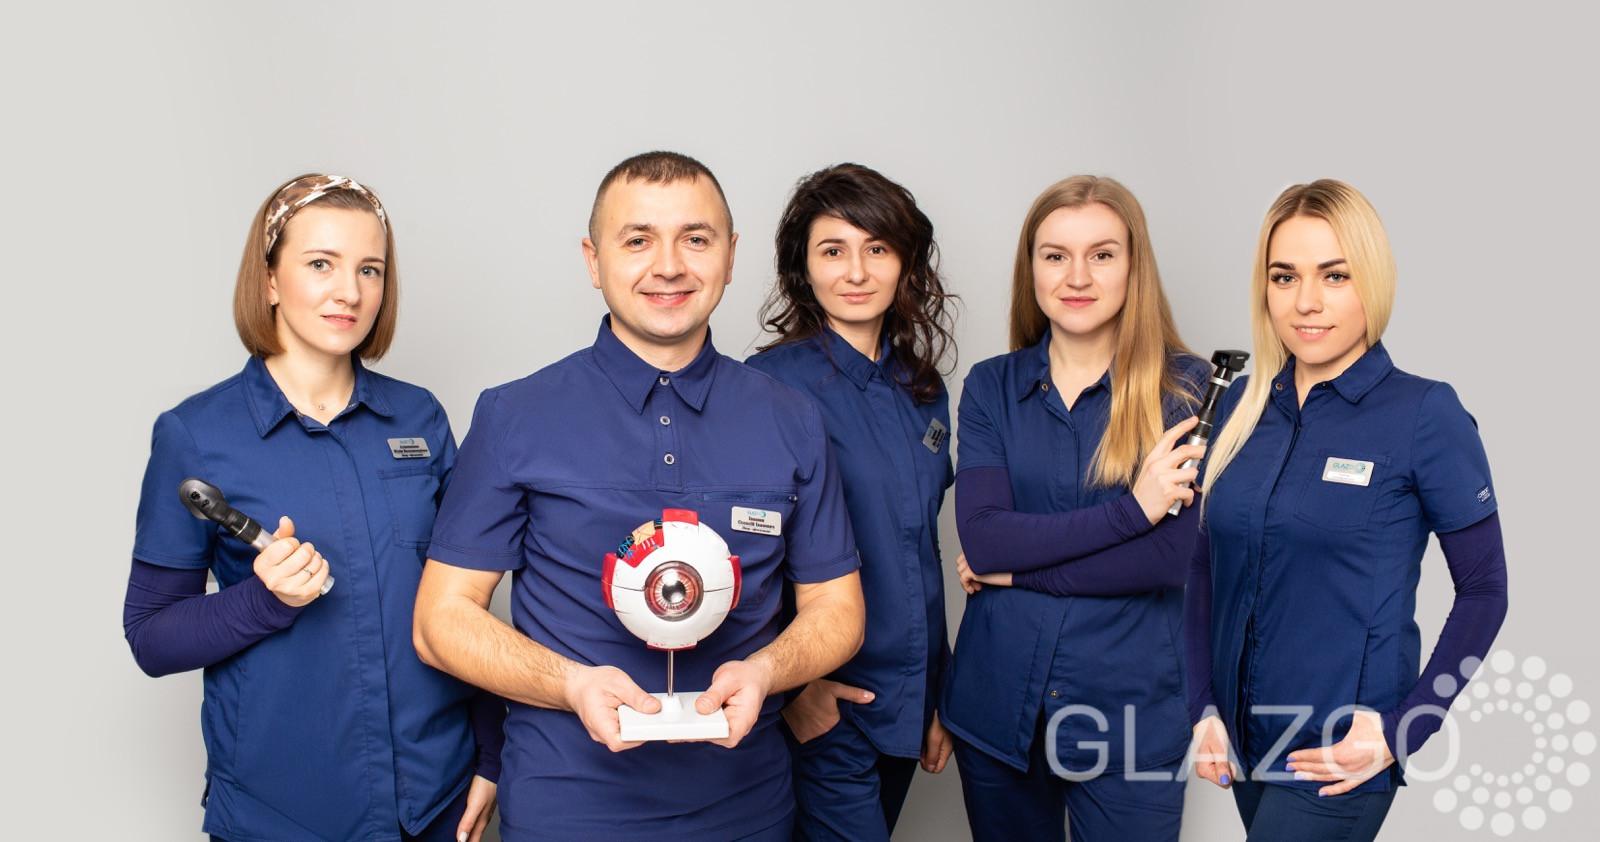 персонал-офтальмологического-центра-Glazgo